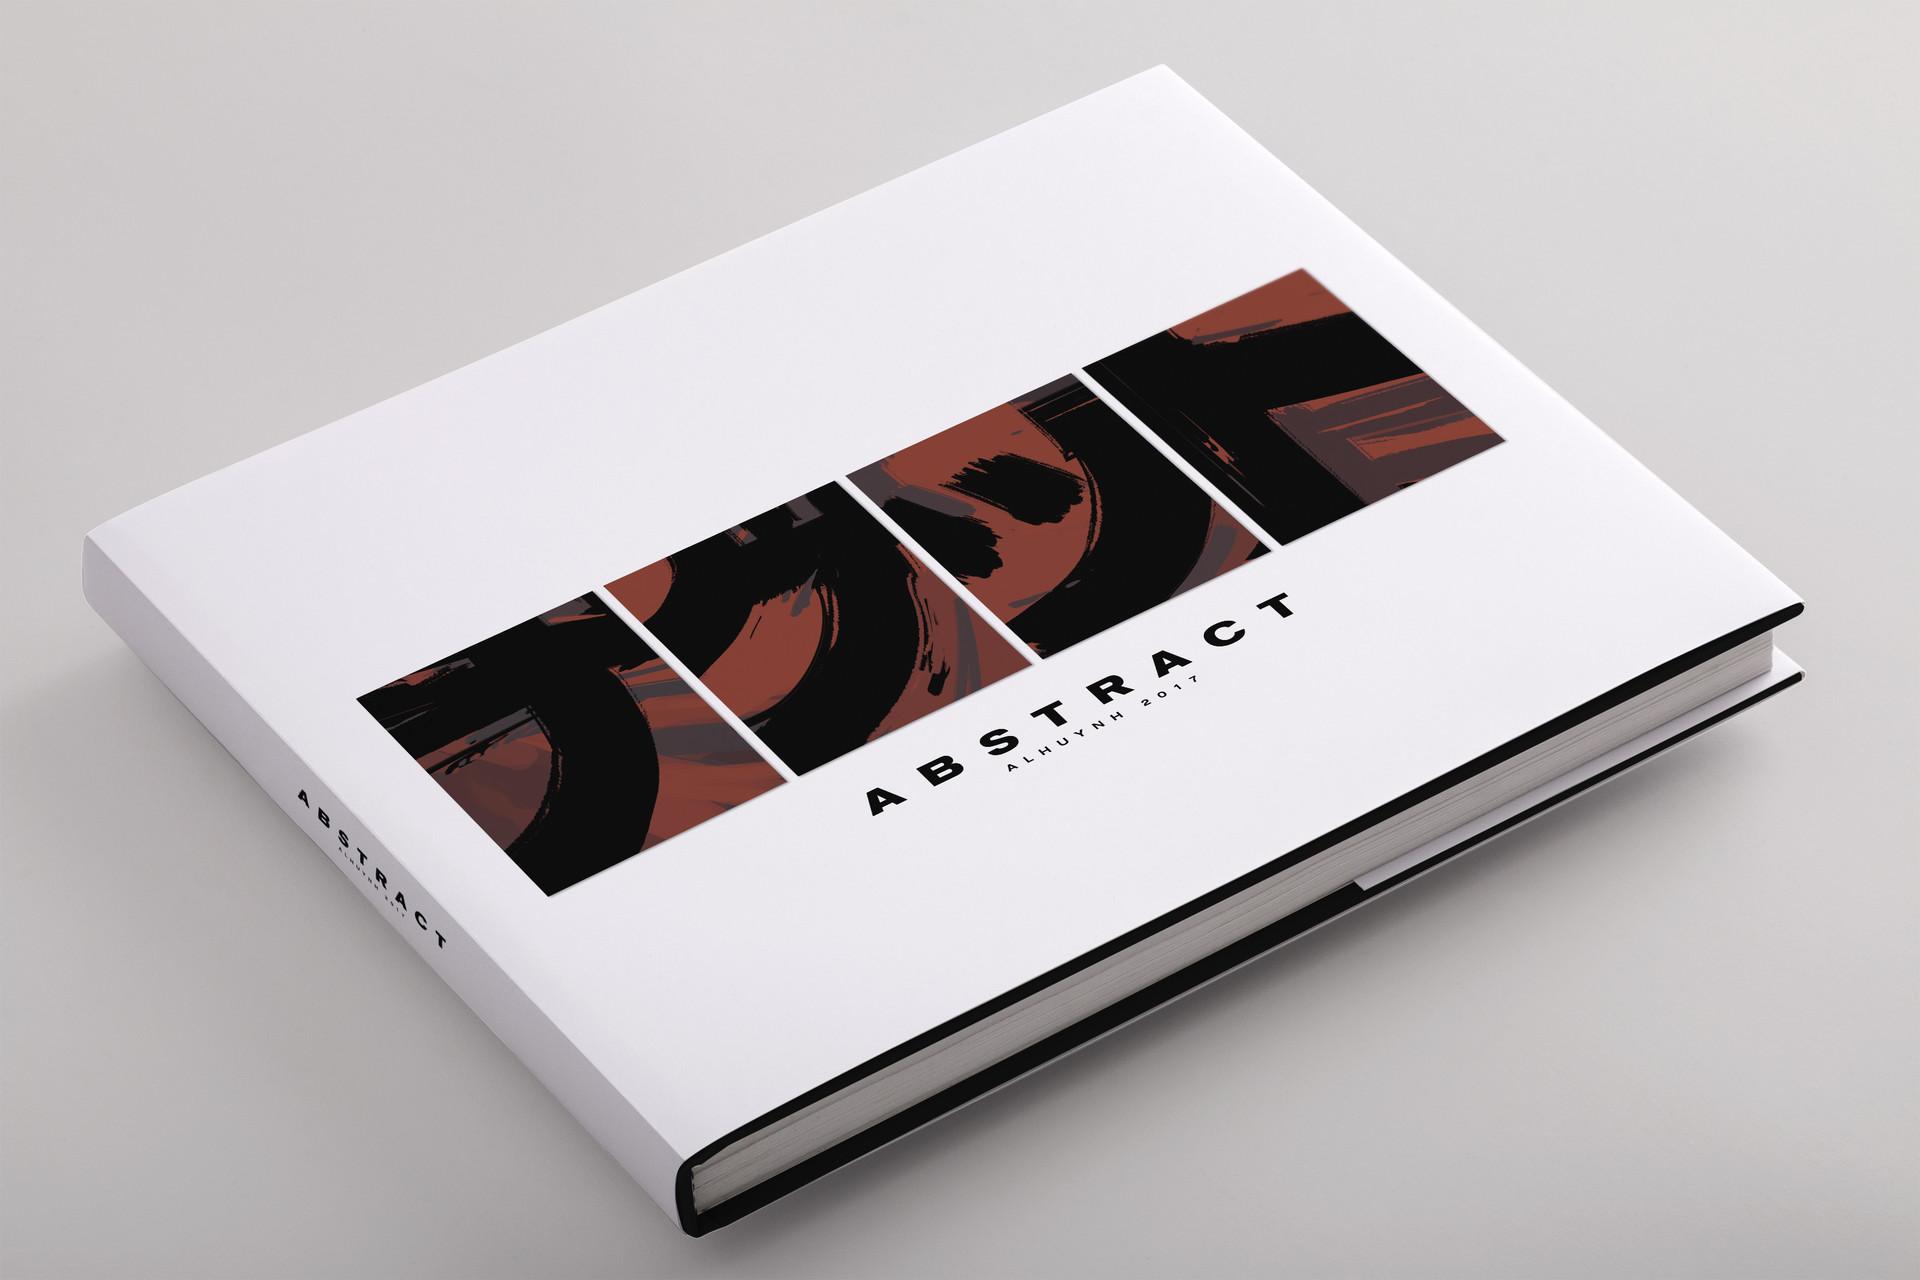 Andre lang huynh hardcover standard landscape 2